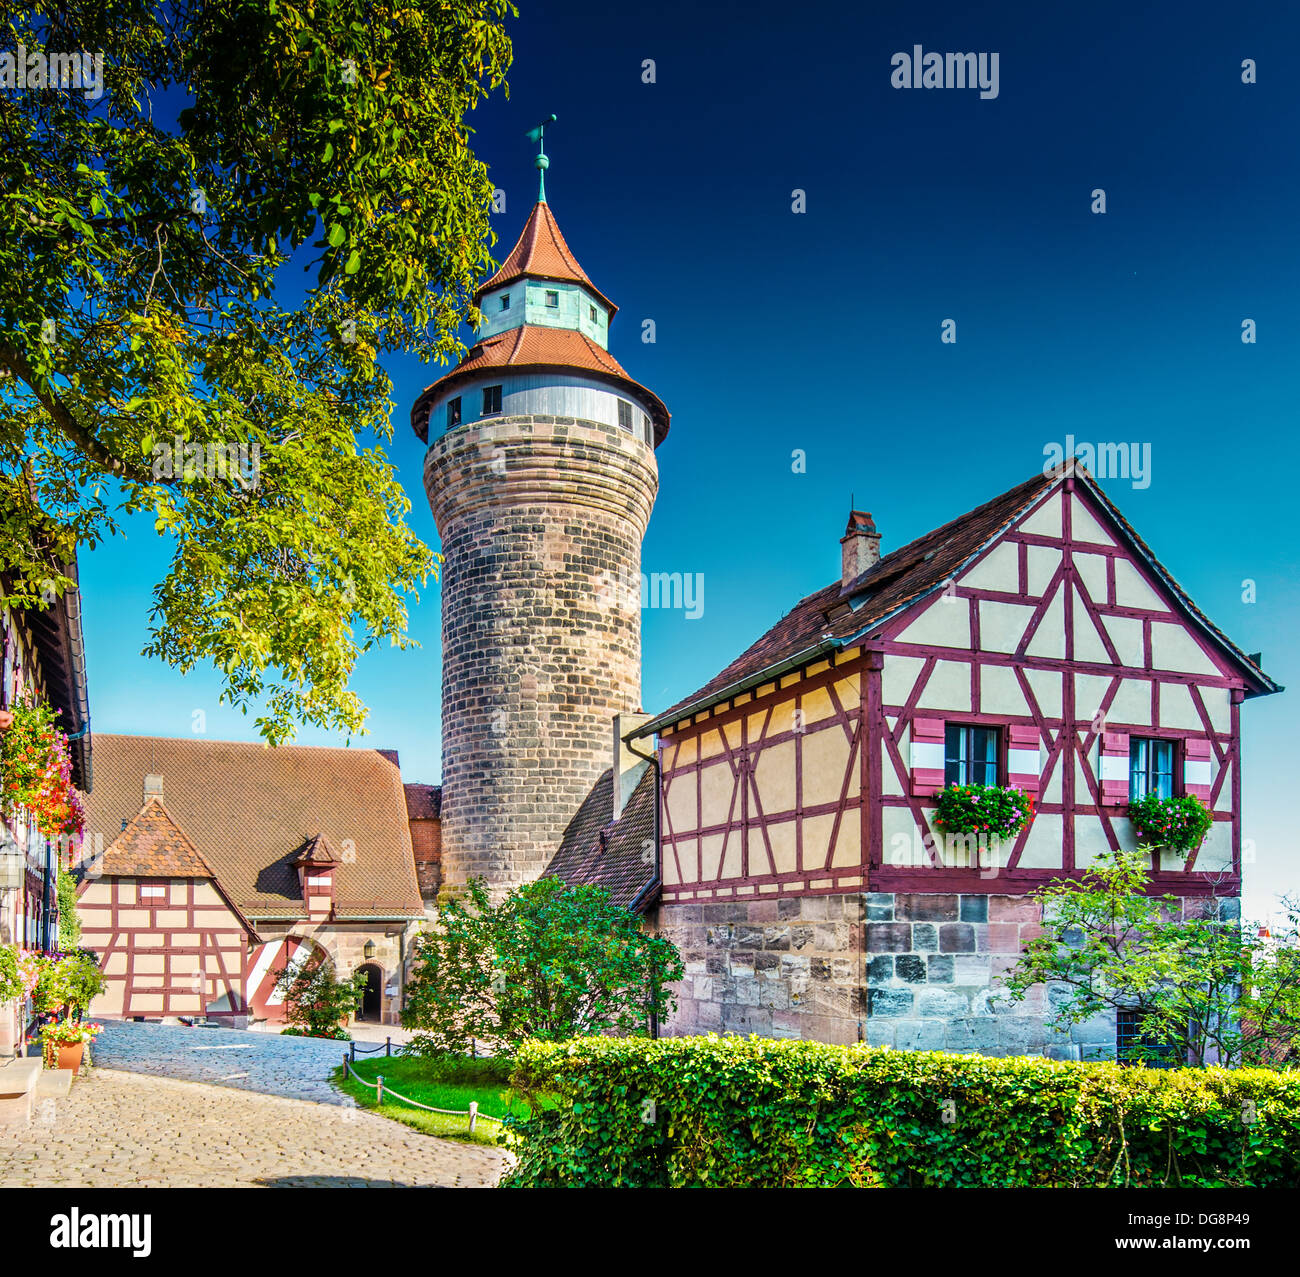 Castillo de Nuremberg, Nuremberg, Alemania. Imagen De Stock